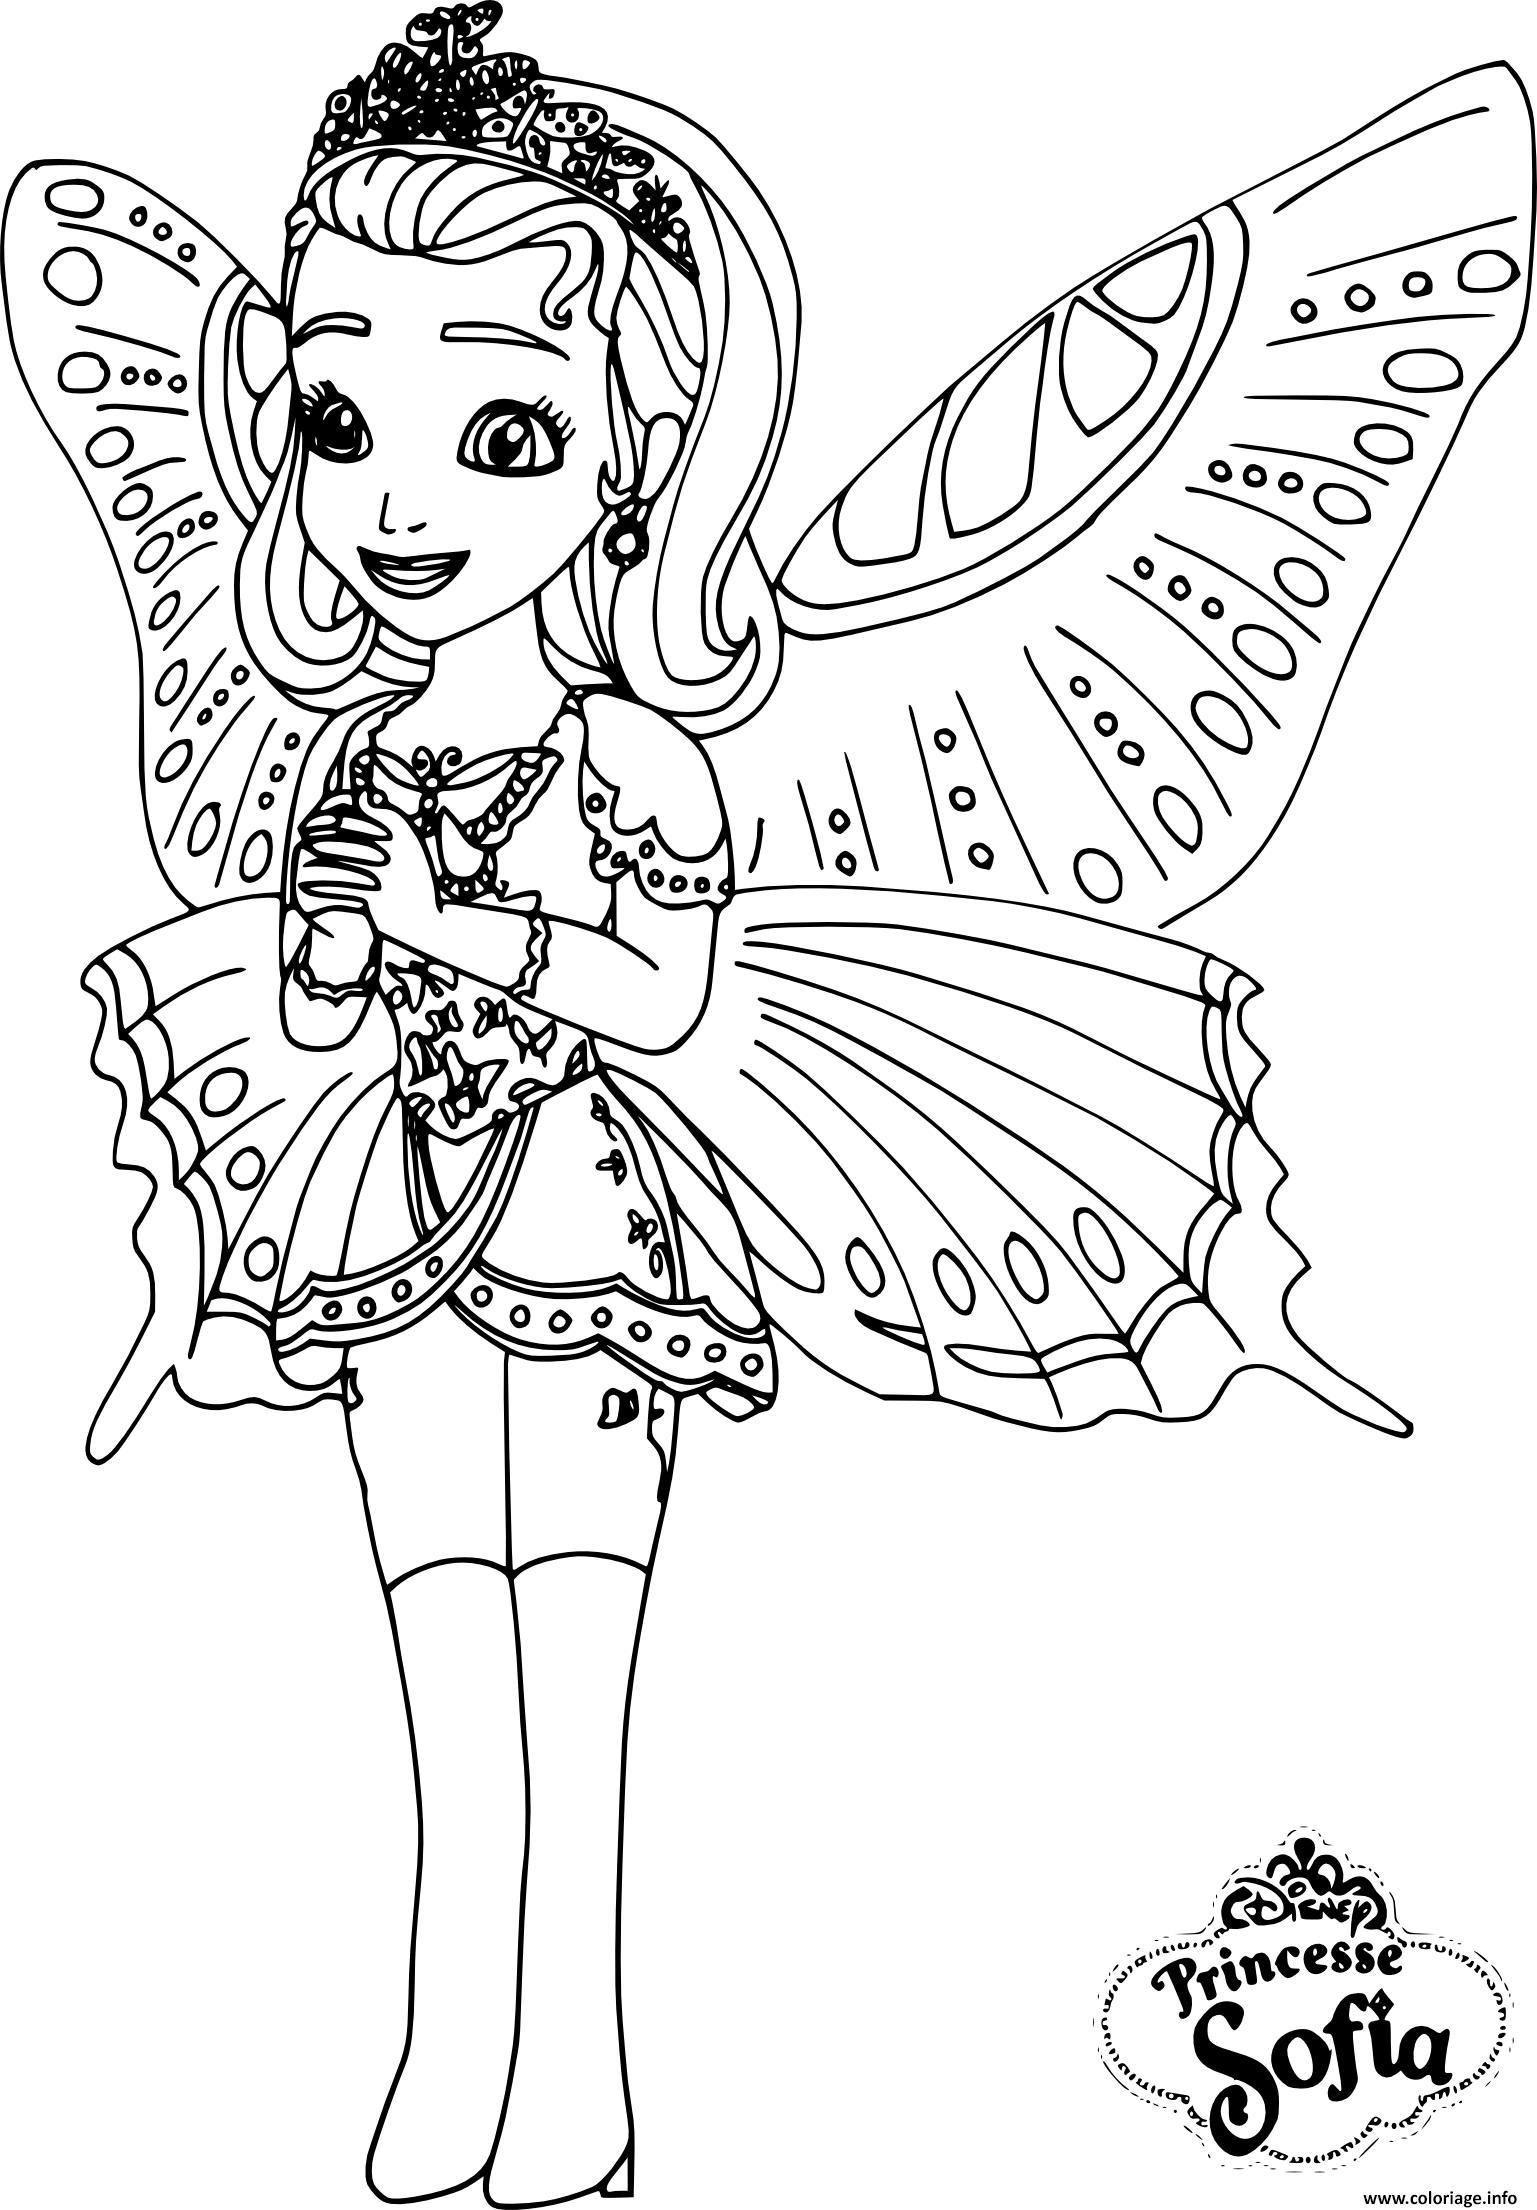 Coloriage princesse sofia papillon dessin - Coloriage des princesses ...